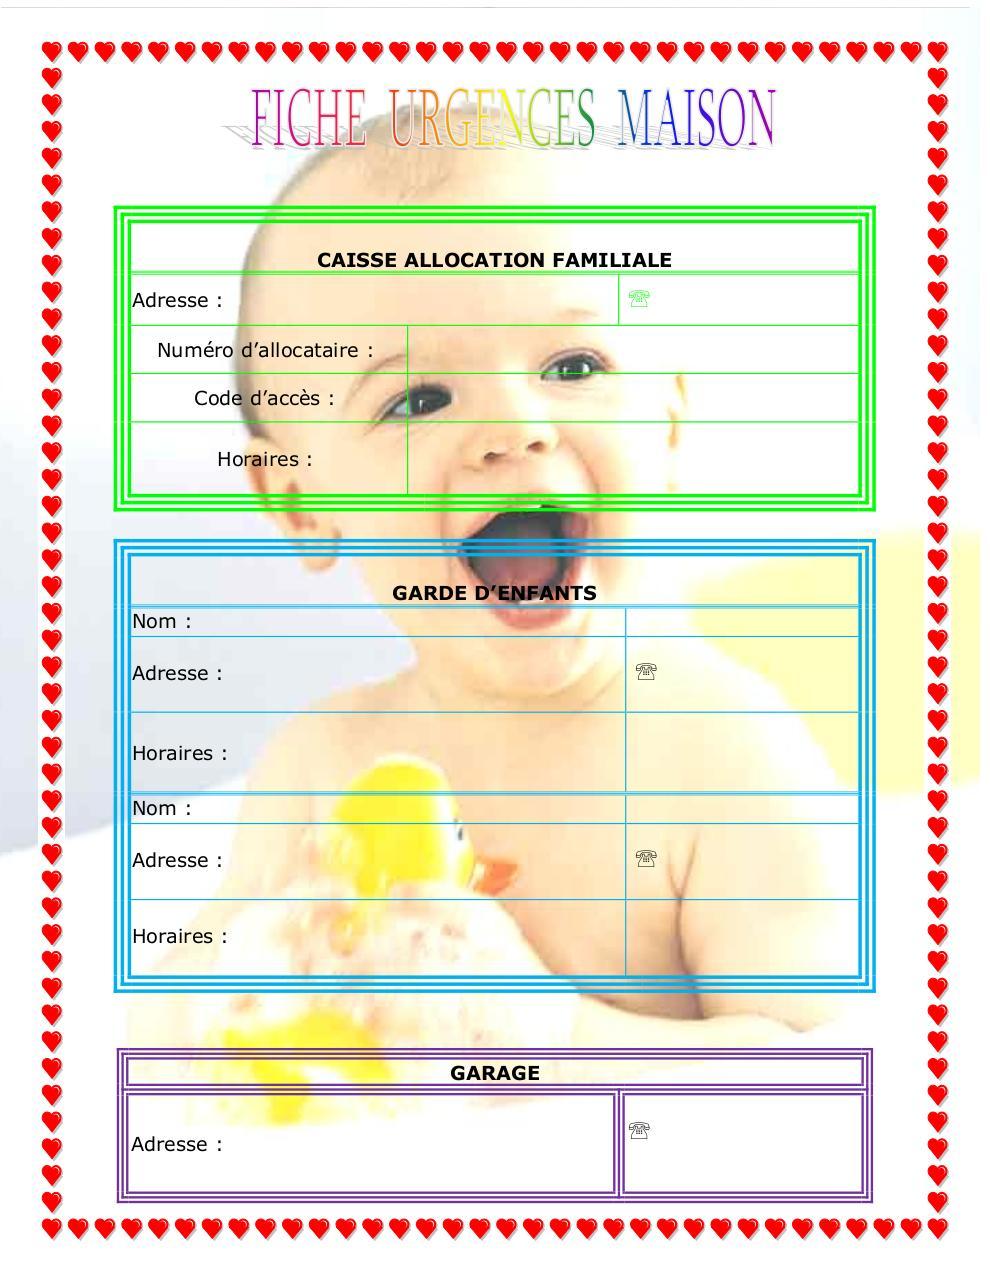 Fiche urgence maison par clara fichier pdf for Ikea heures de garde d enfants